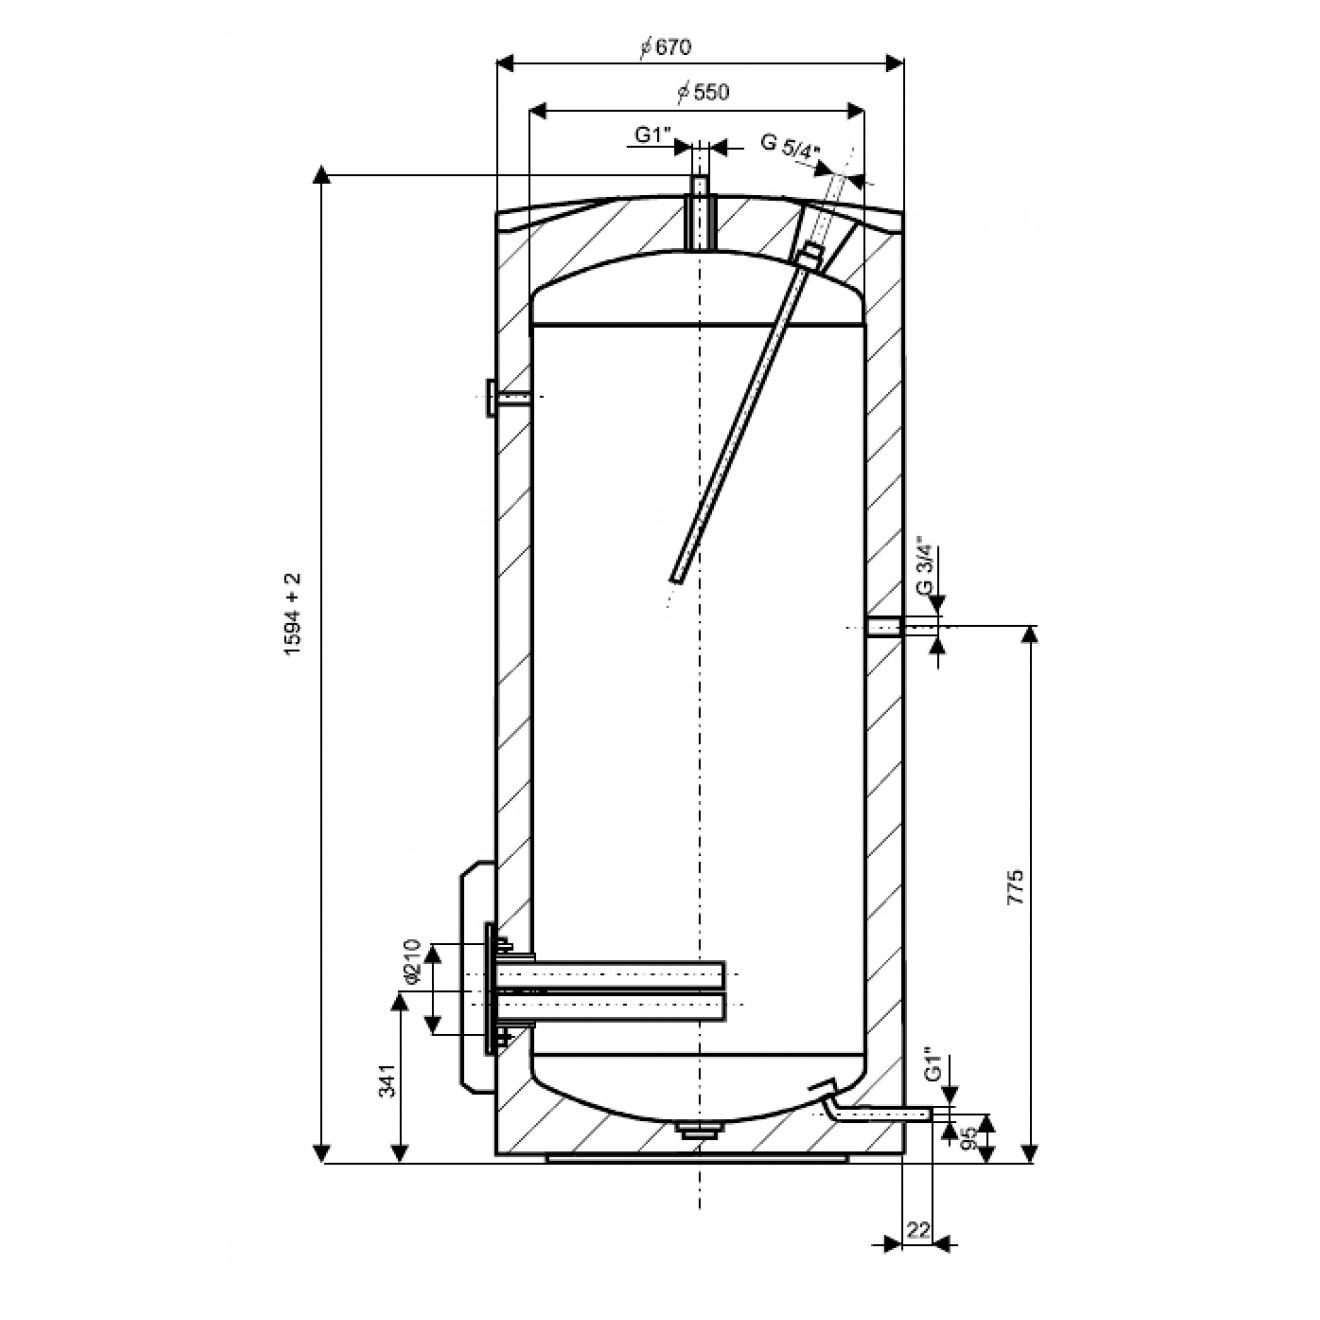 300 Liter L Elektrischer Warmwasserspeicher Boiler Elektrospeicher Speicher Kera